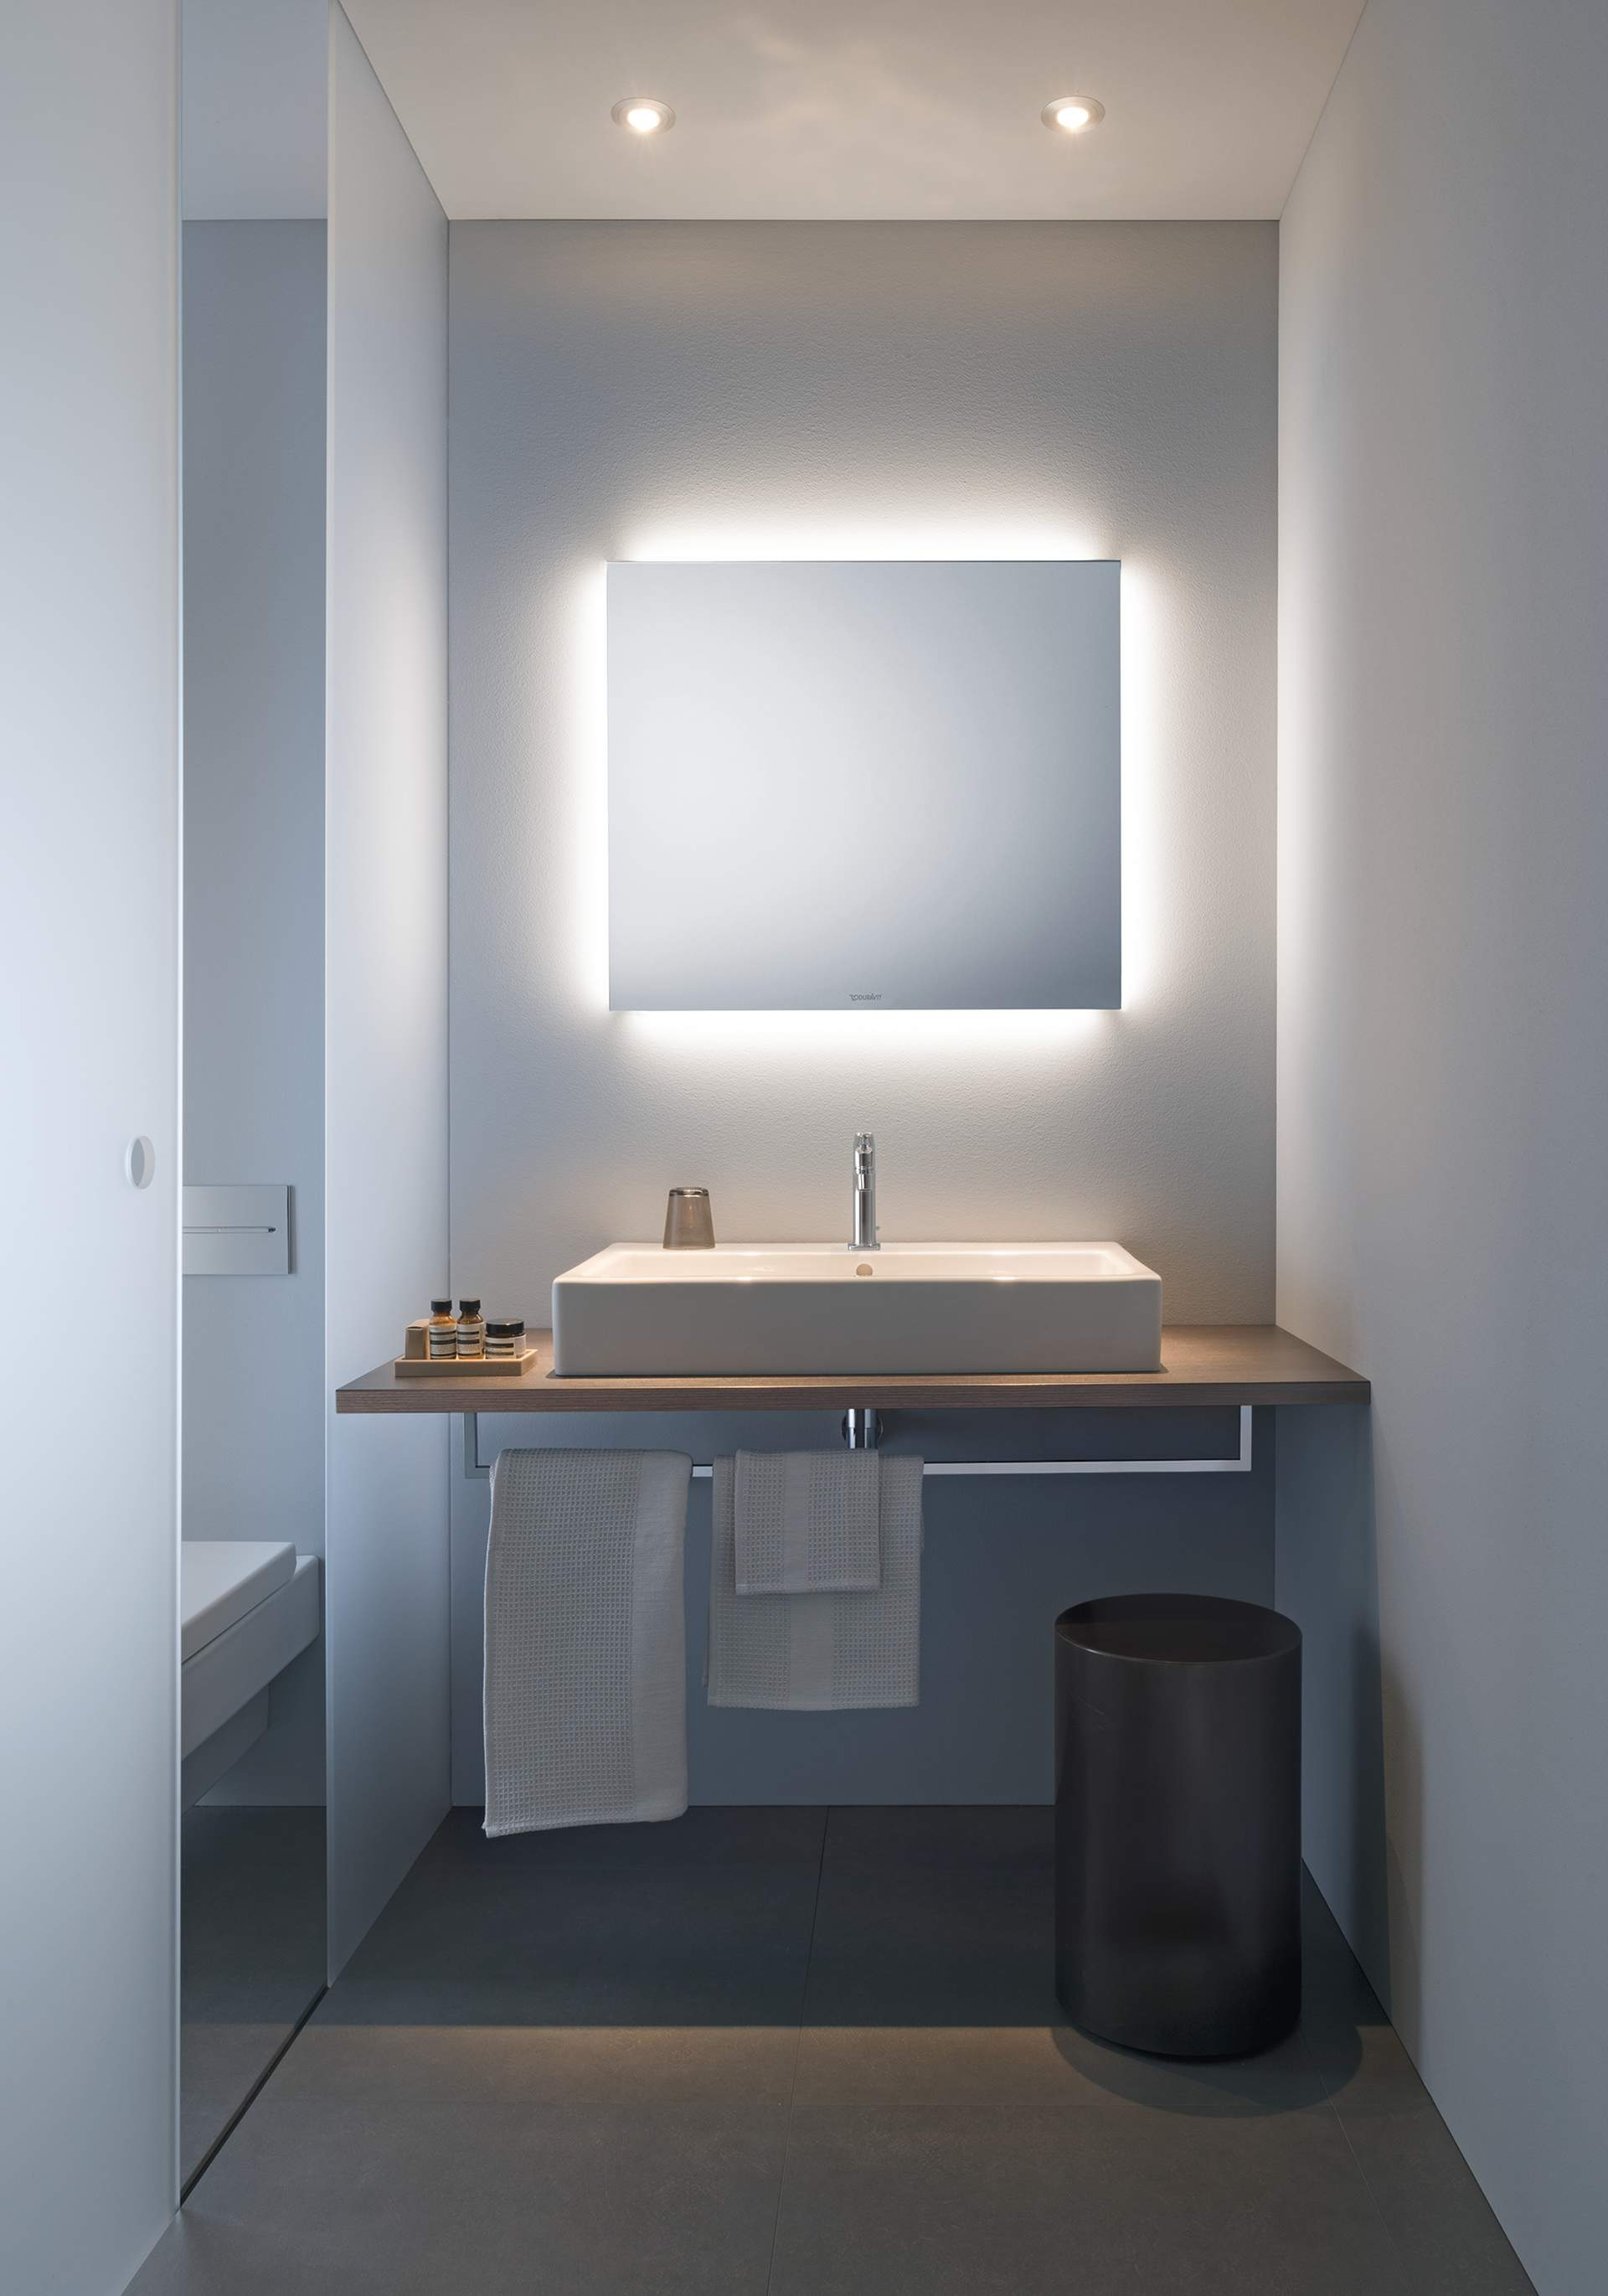 Charmant Licht Und Spiegel. Design By Duravit